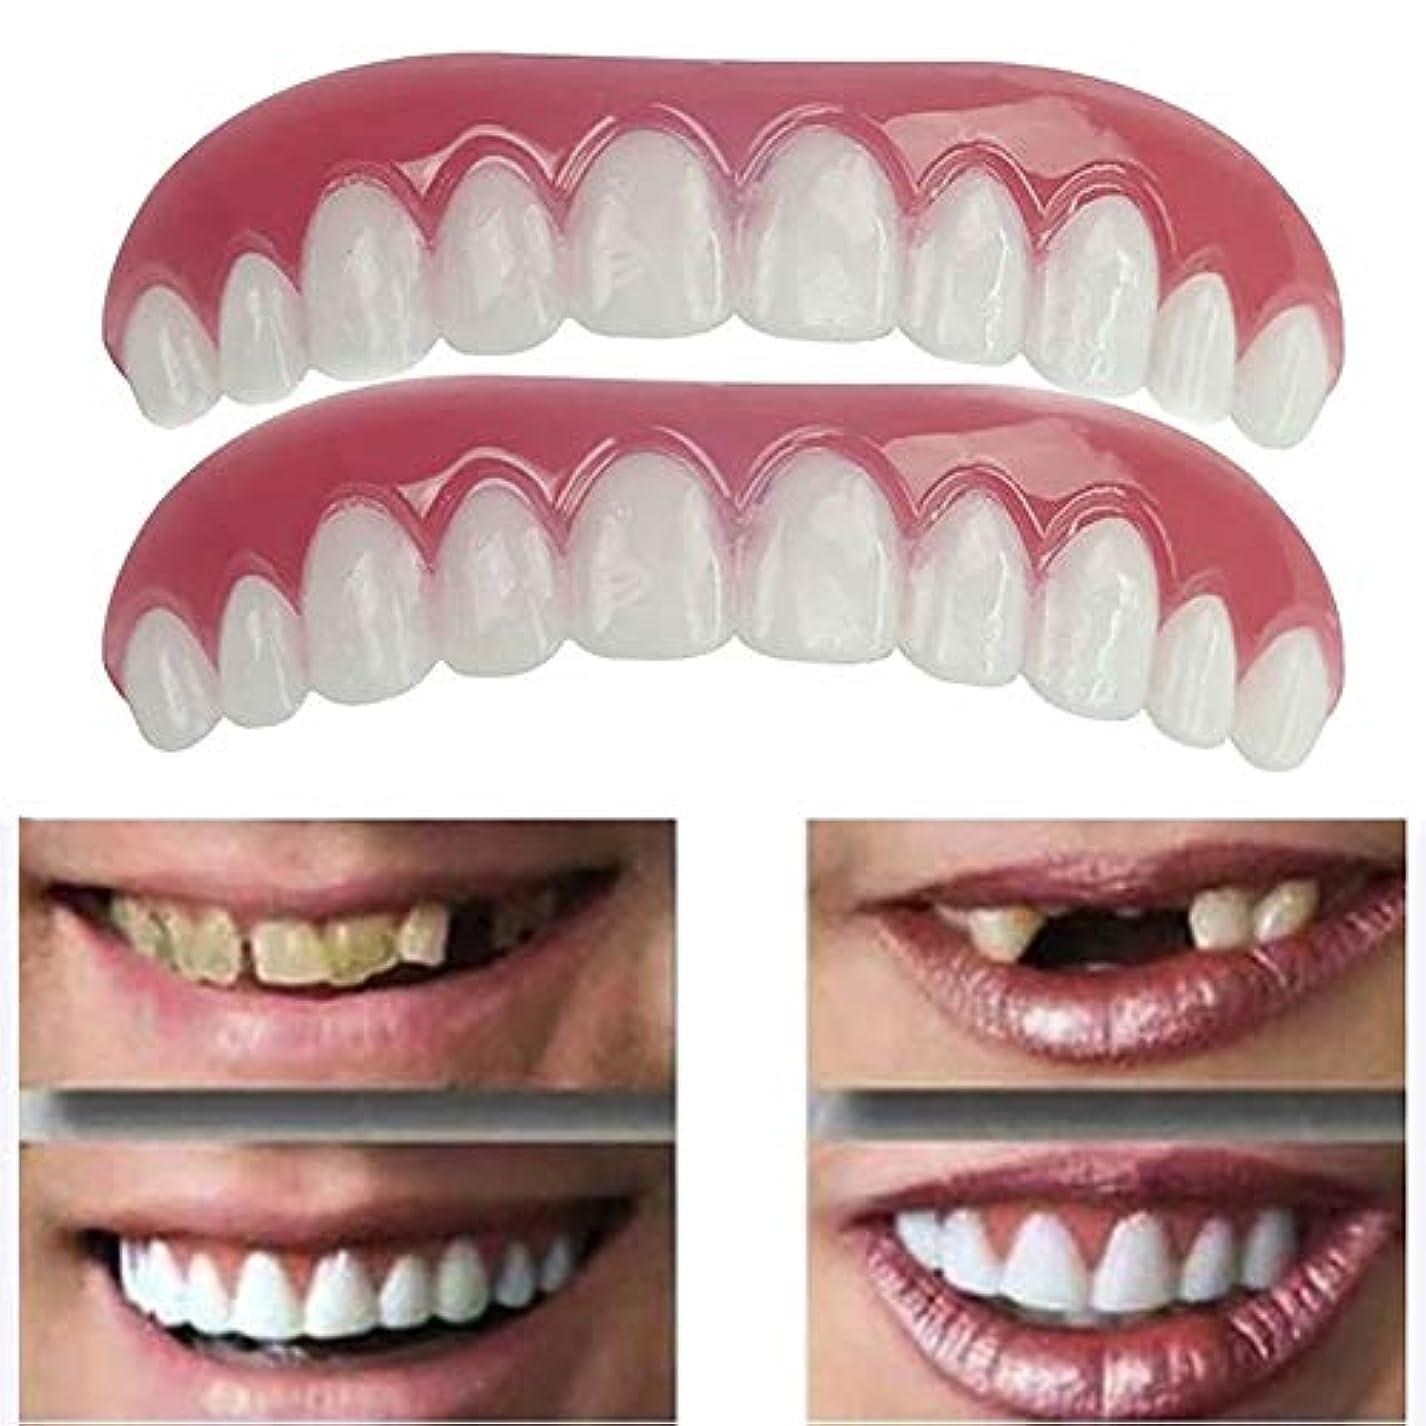 からに変化する大量エスカレーター5ペア偽の歯上偽の歯のカバー安全なインスタント笑顔化粧品ノベルティ歯 - ワンサイズ最もフィット